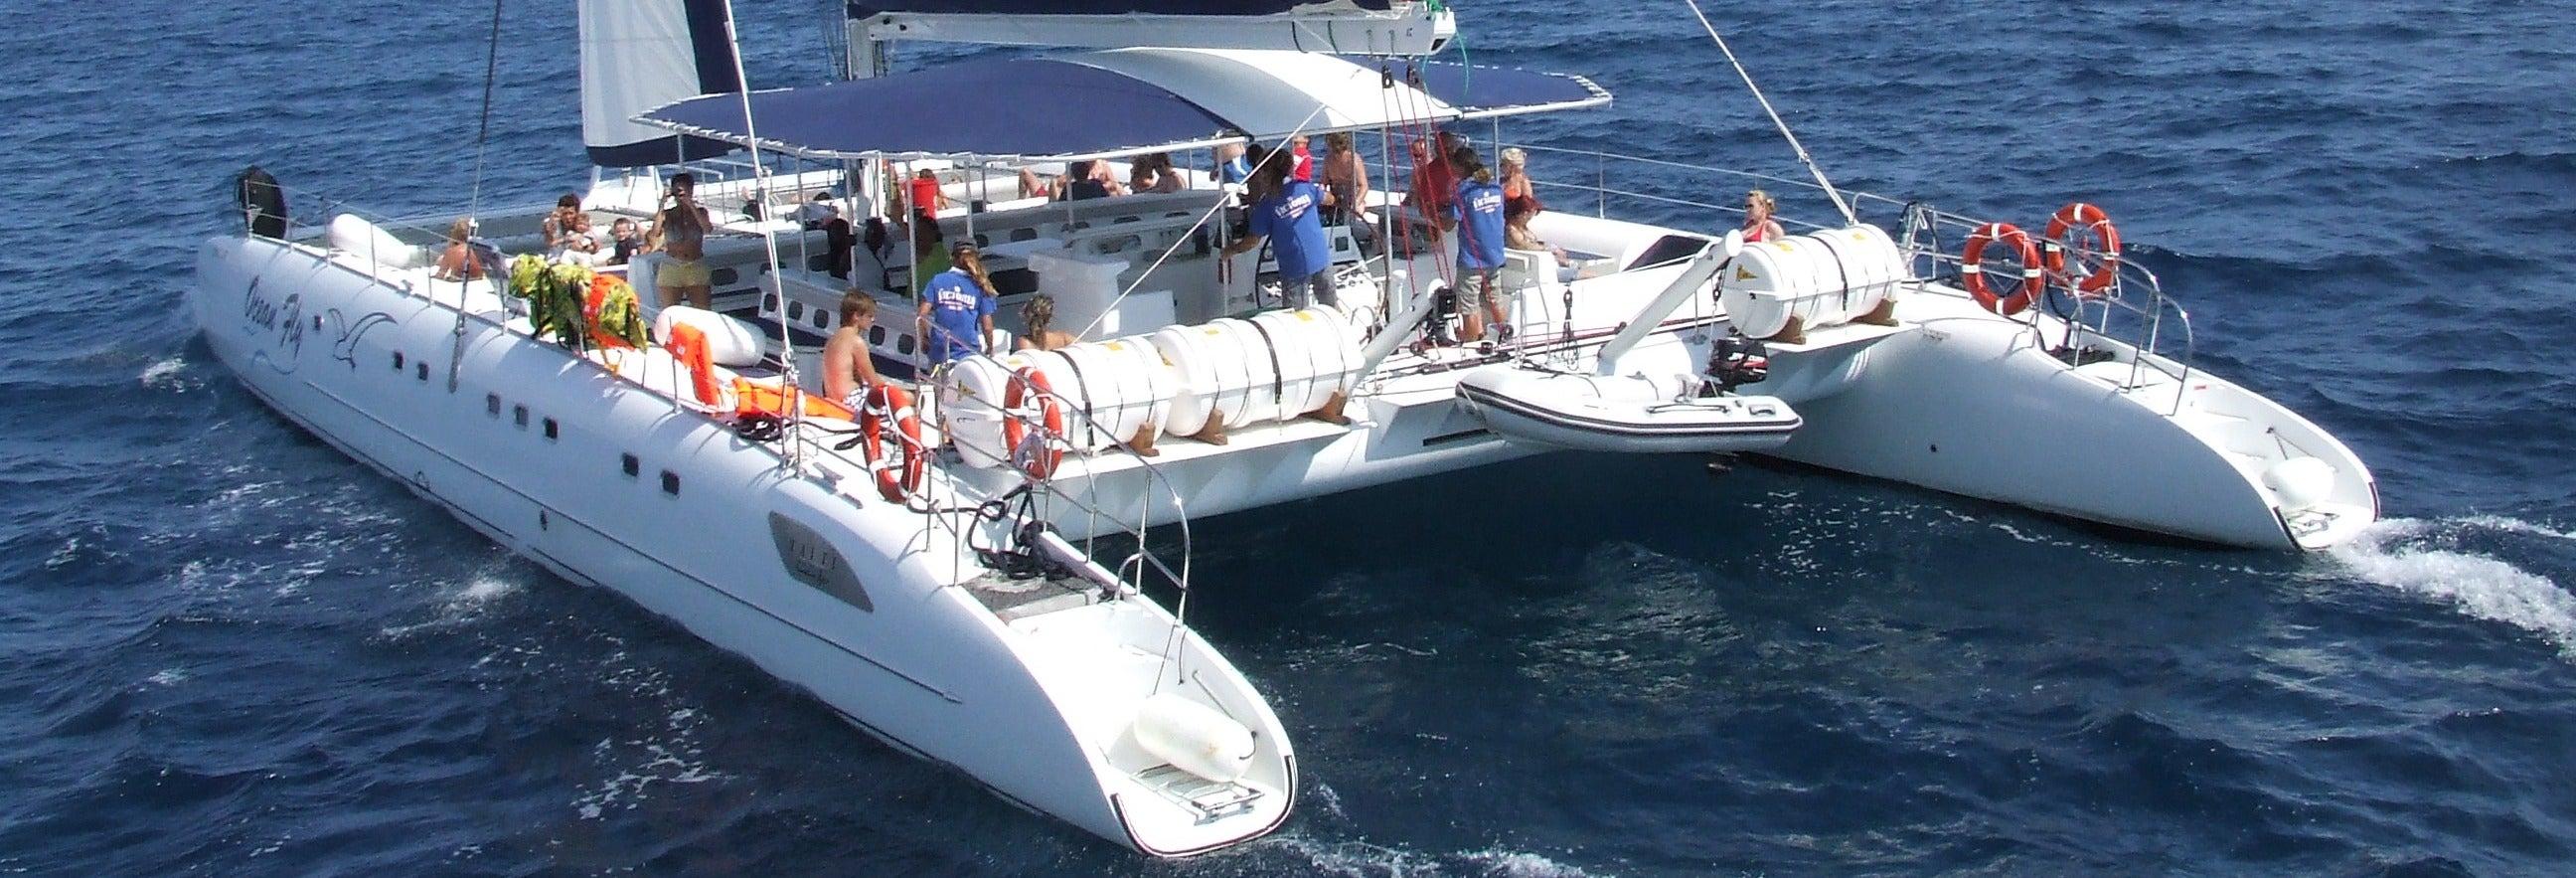 Giro di mezza giornata in catamarano a Cambrils